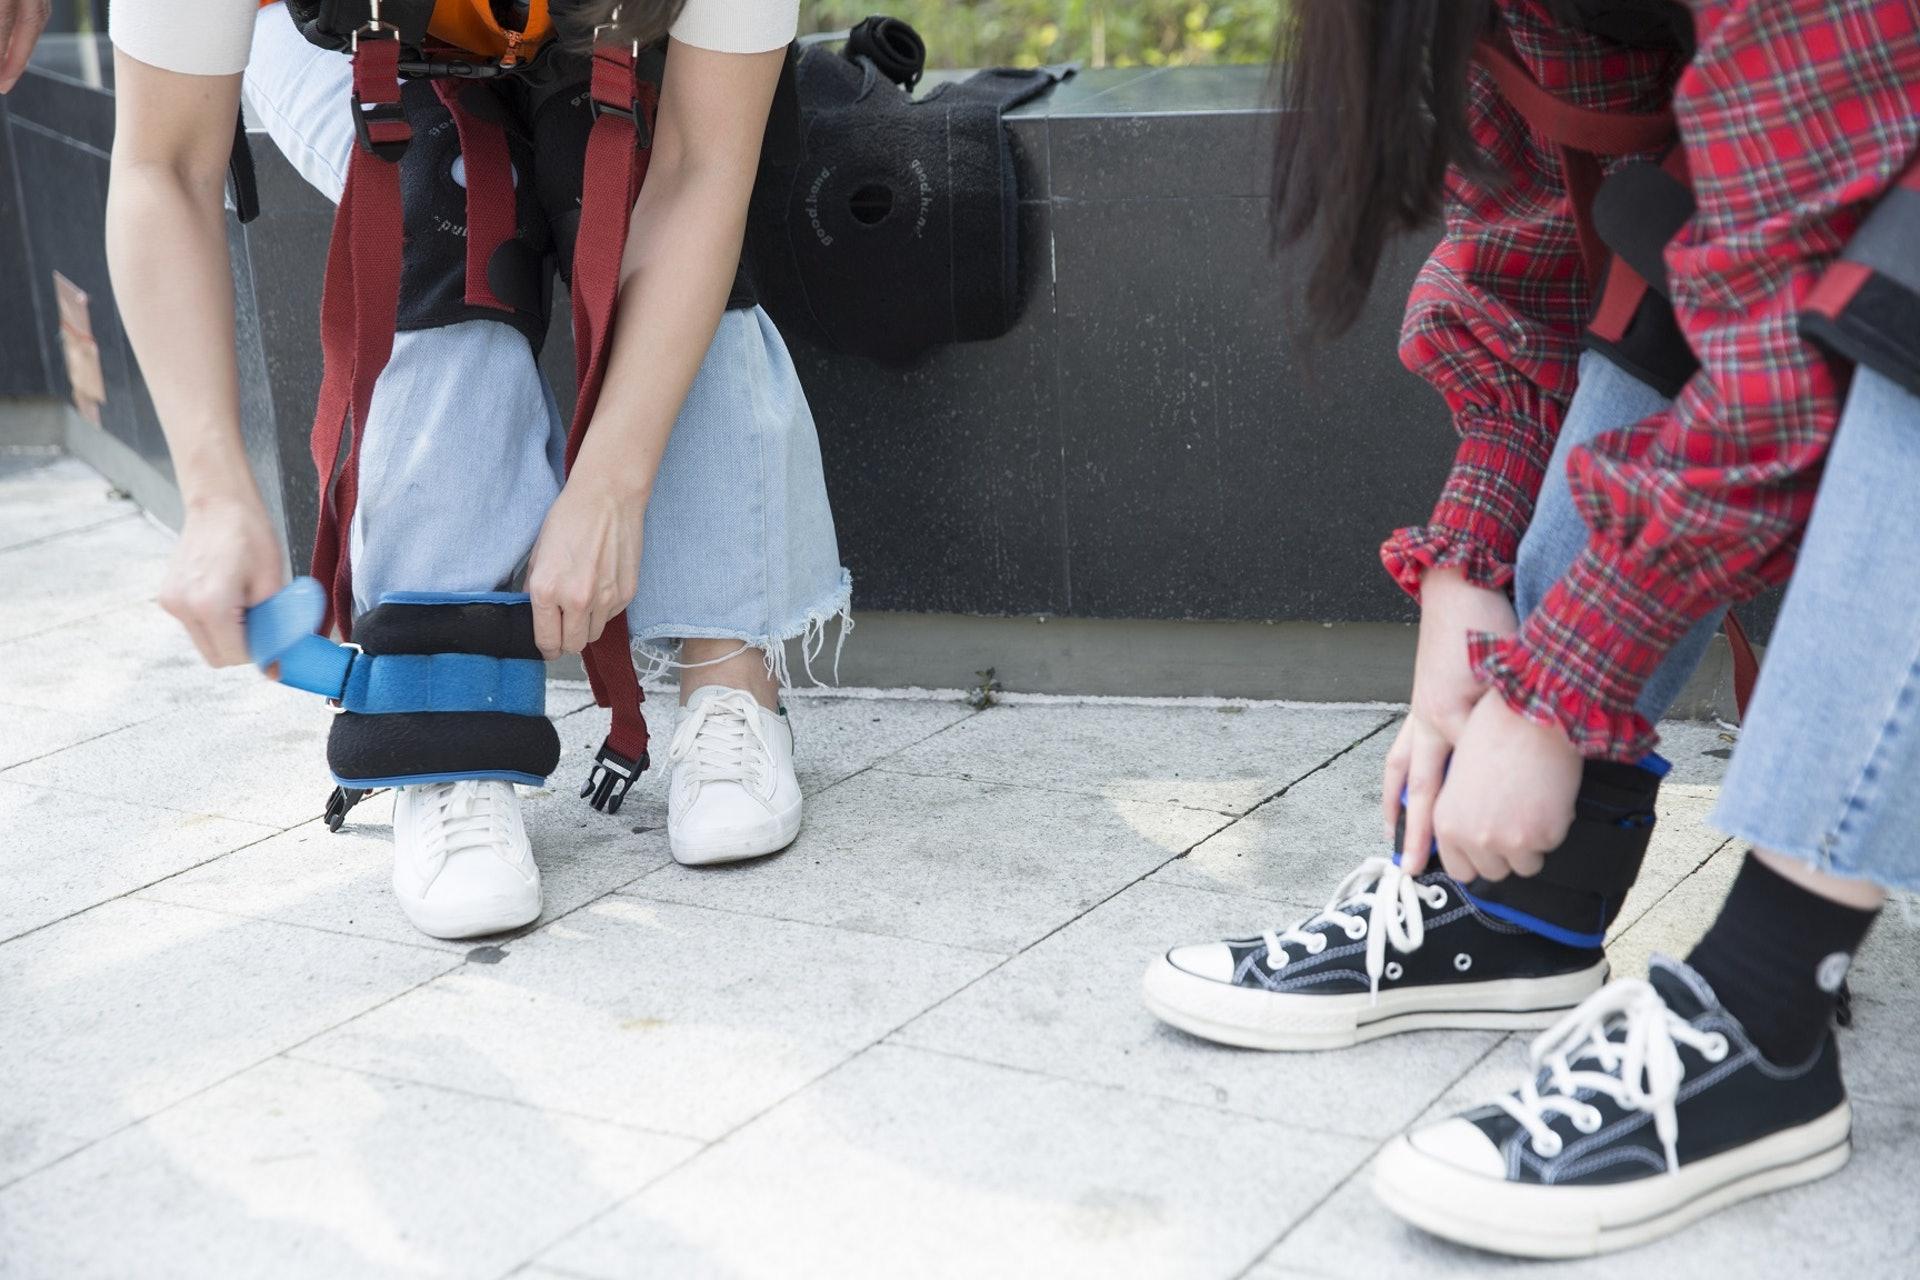 單腳負重,模糊長者有腳患行動不便的狀態。(龔嘉盛攝)